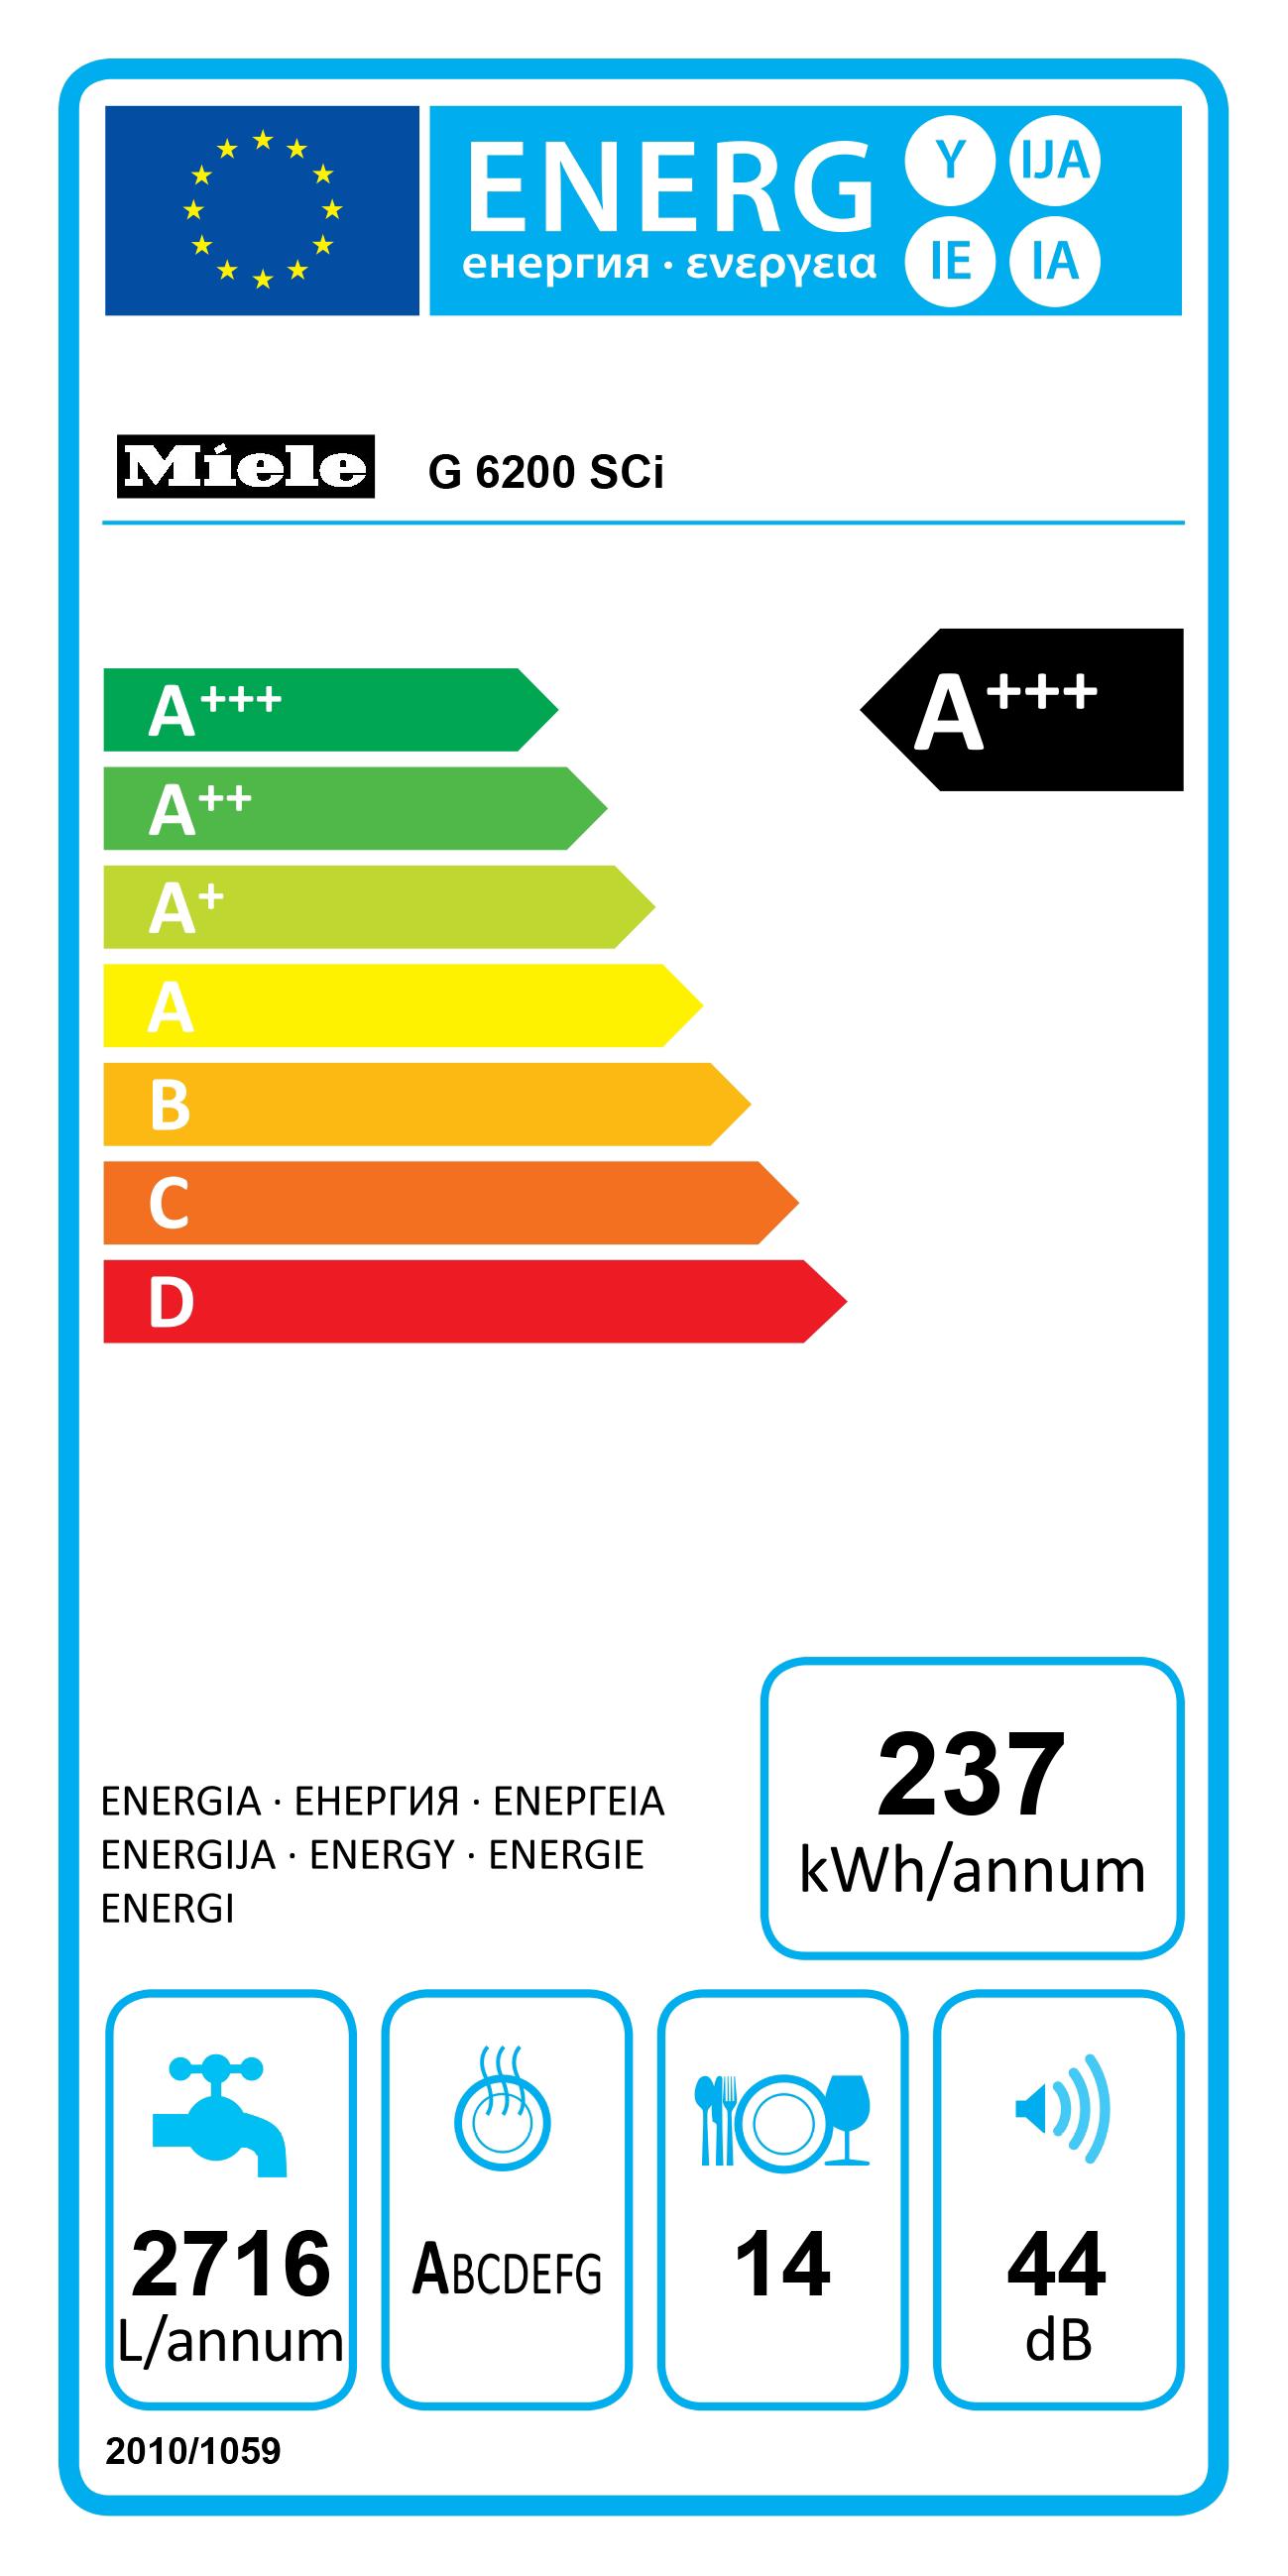 Energieeffiziente Küchengeräte von Miele